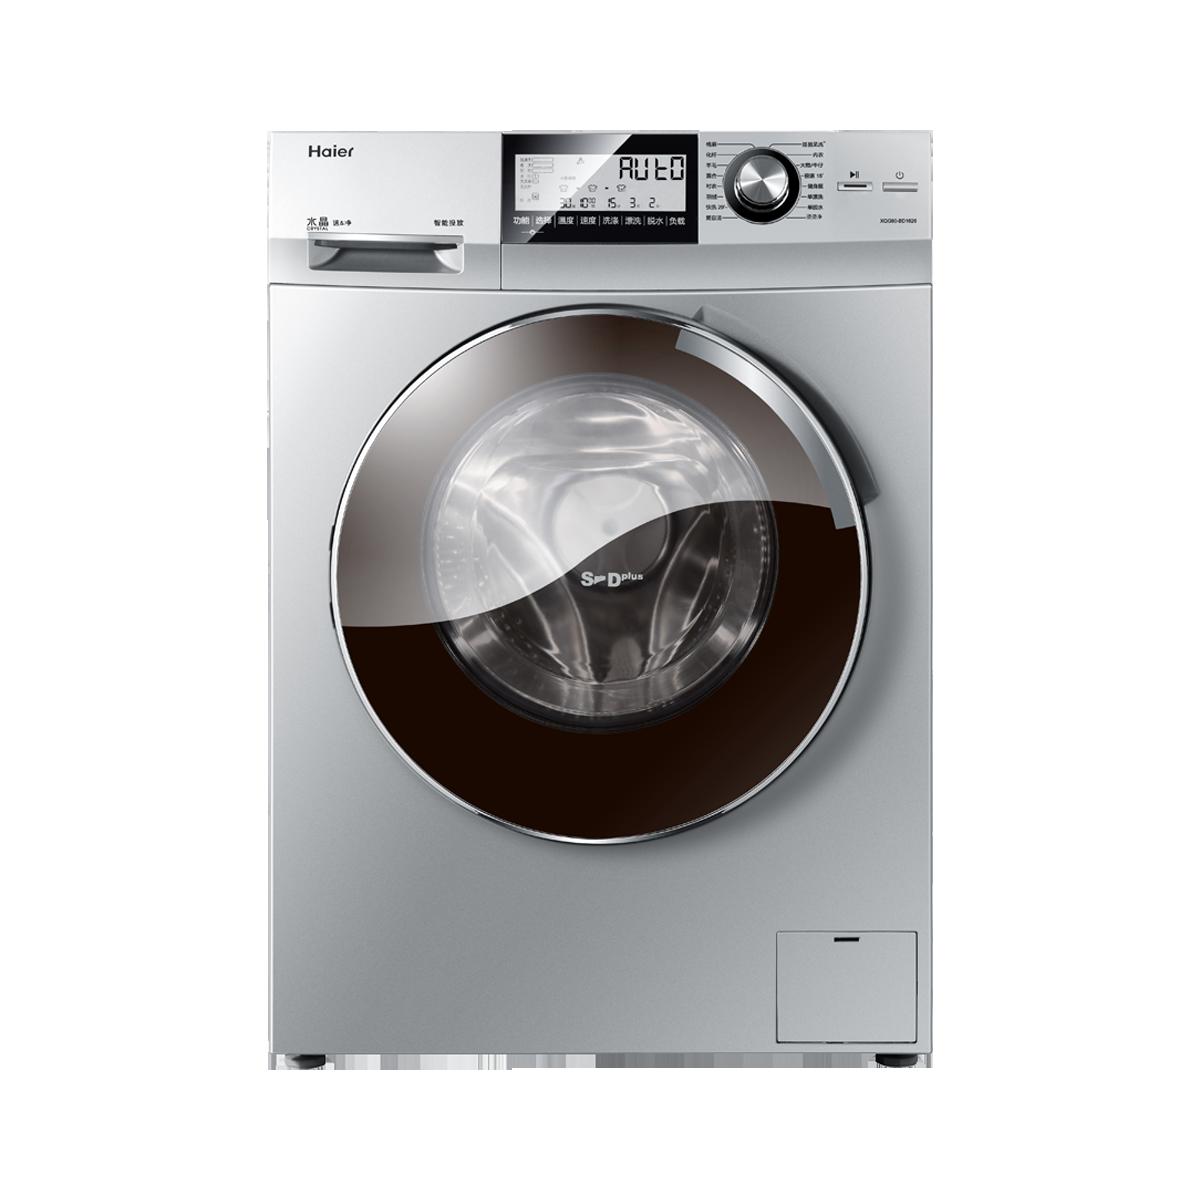 海尔Haier洗衣机 XQG80-BD1626 说明书